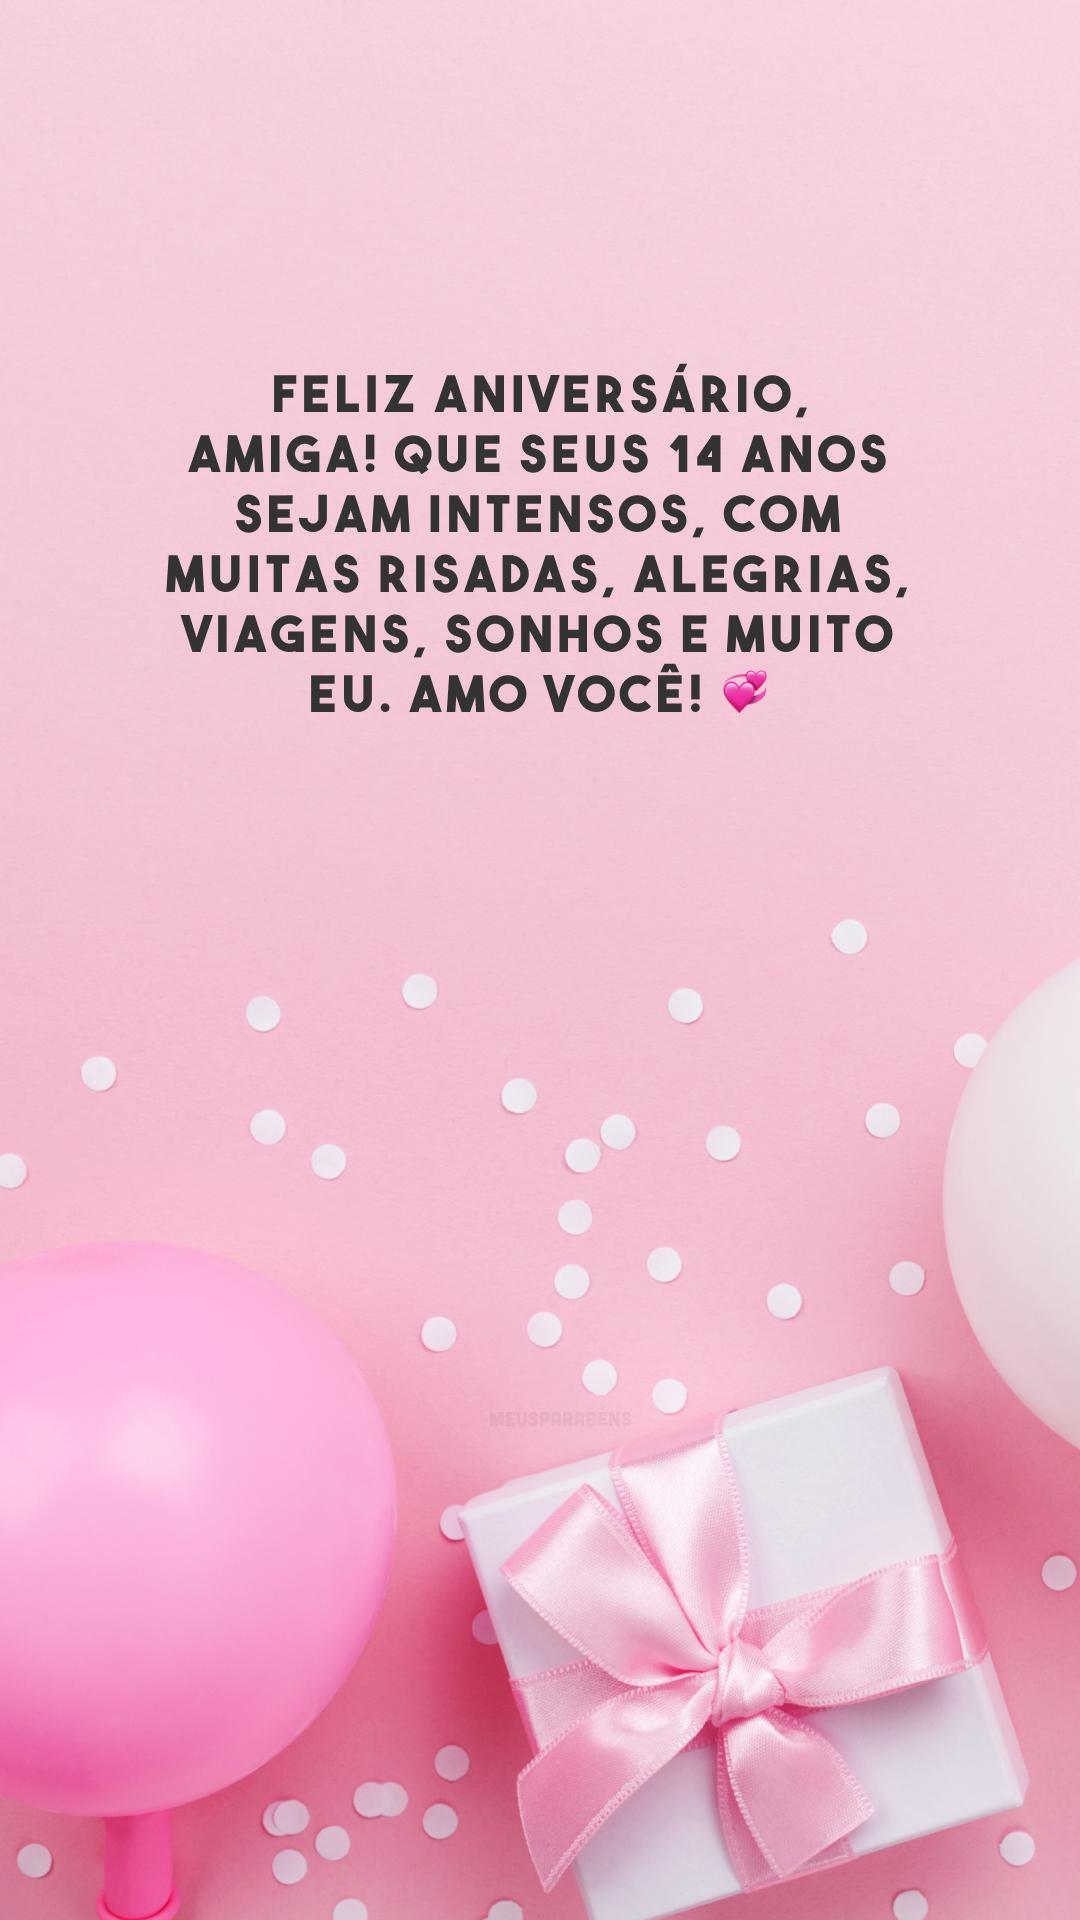 Feliz aniversário, amiga! Que seus 14 anos sejam intensos, com muitas risadas, alegrias, viagens, sonhos e muito eu. Amo você! 💞